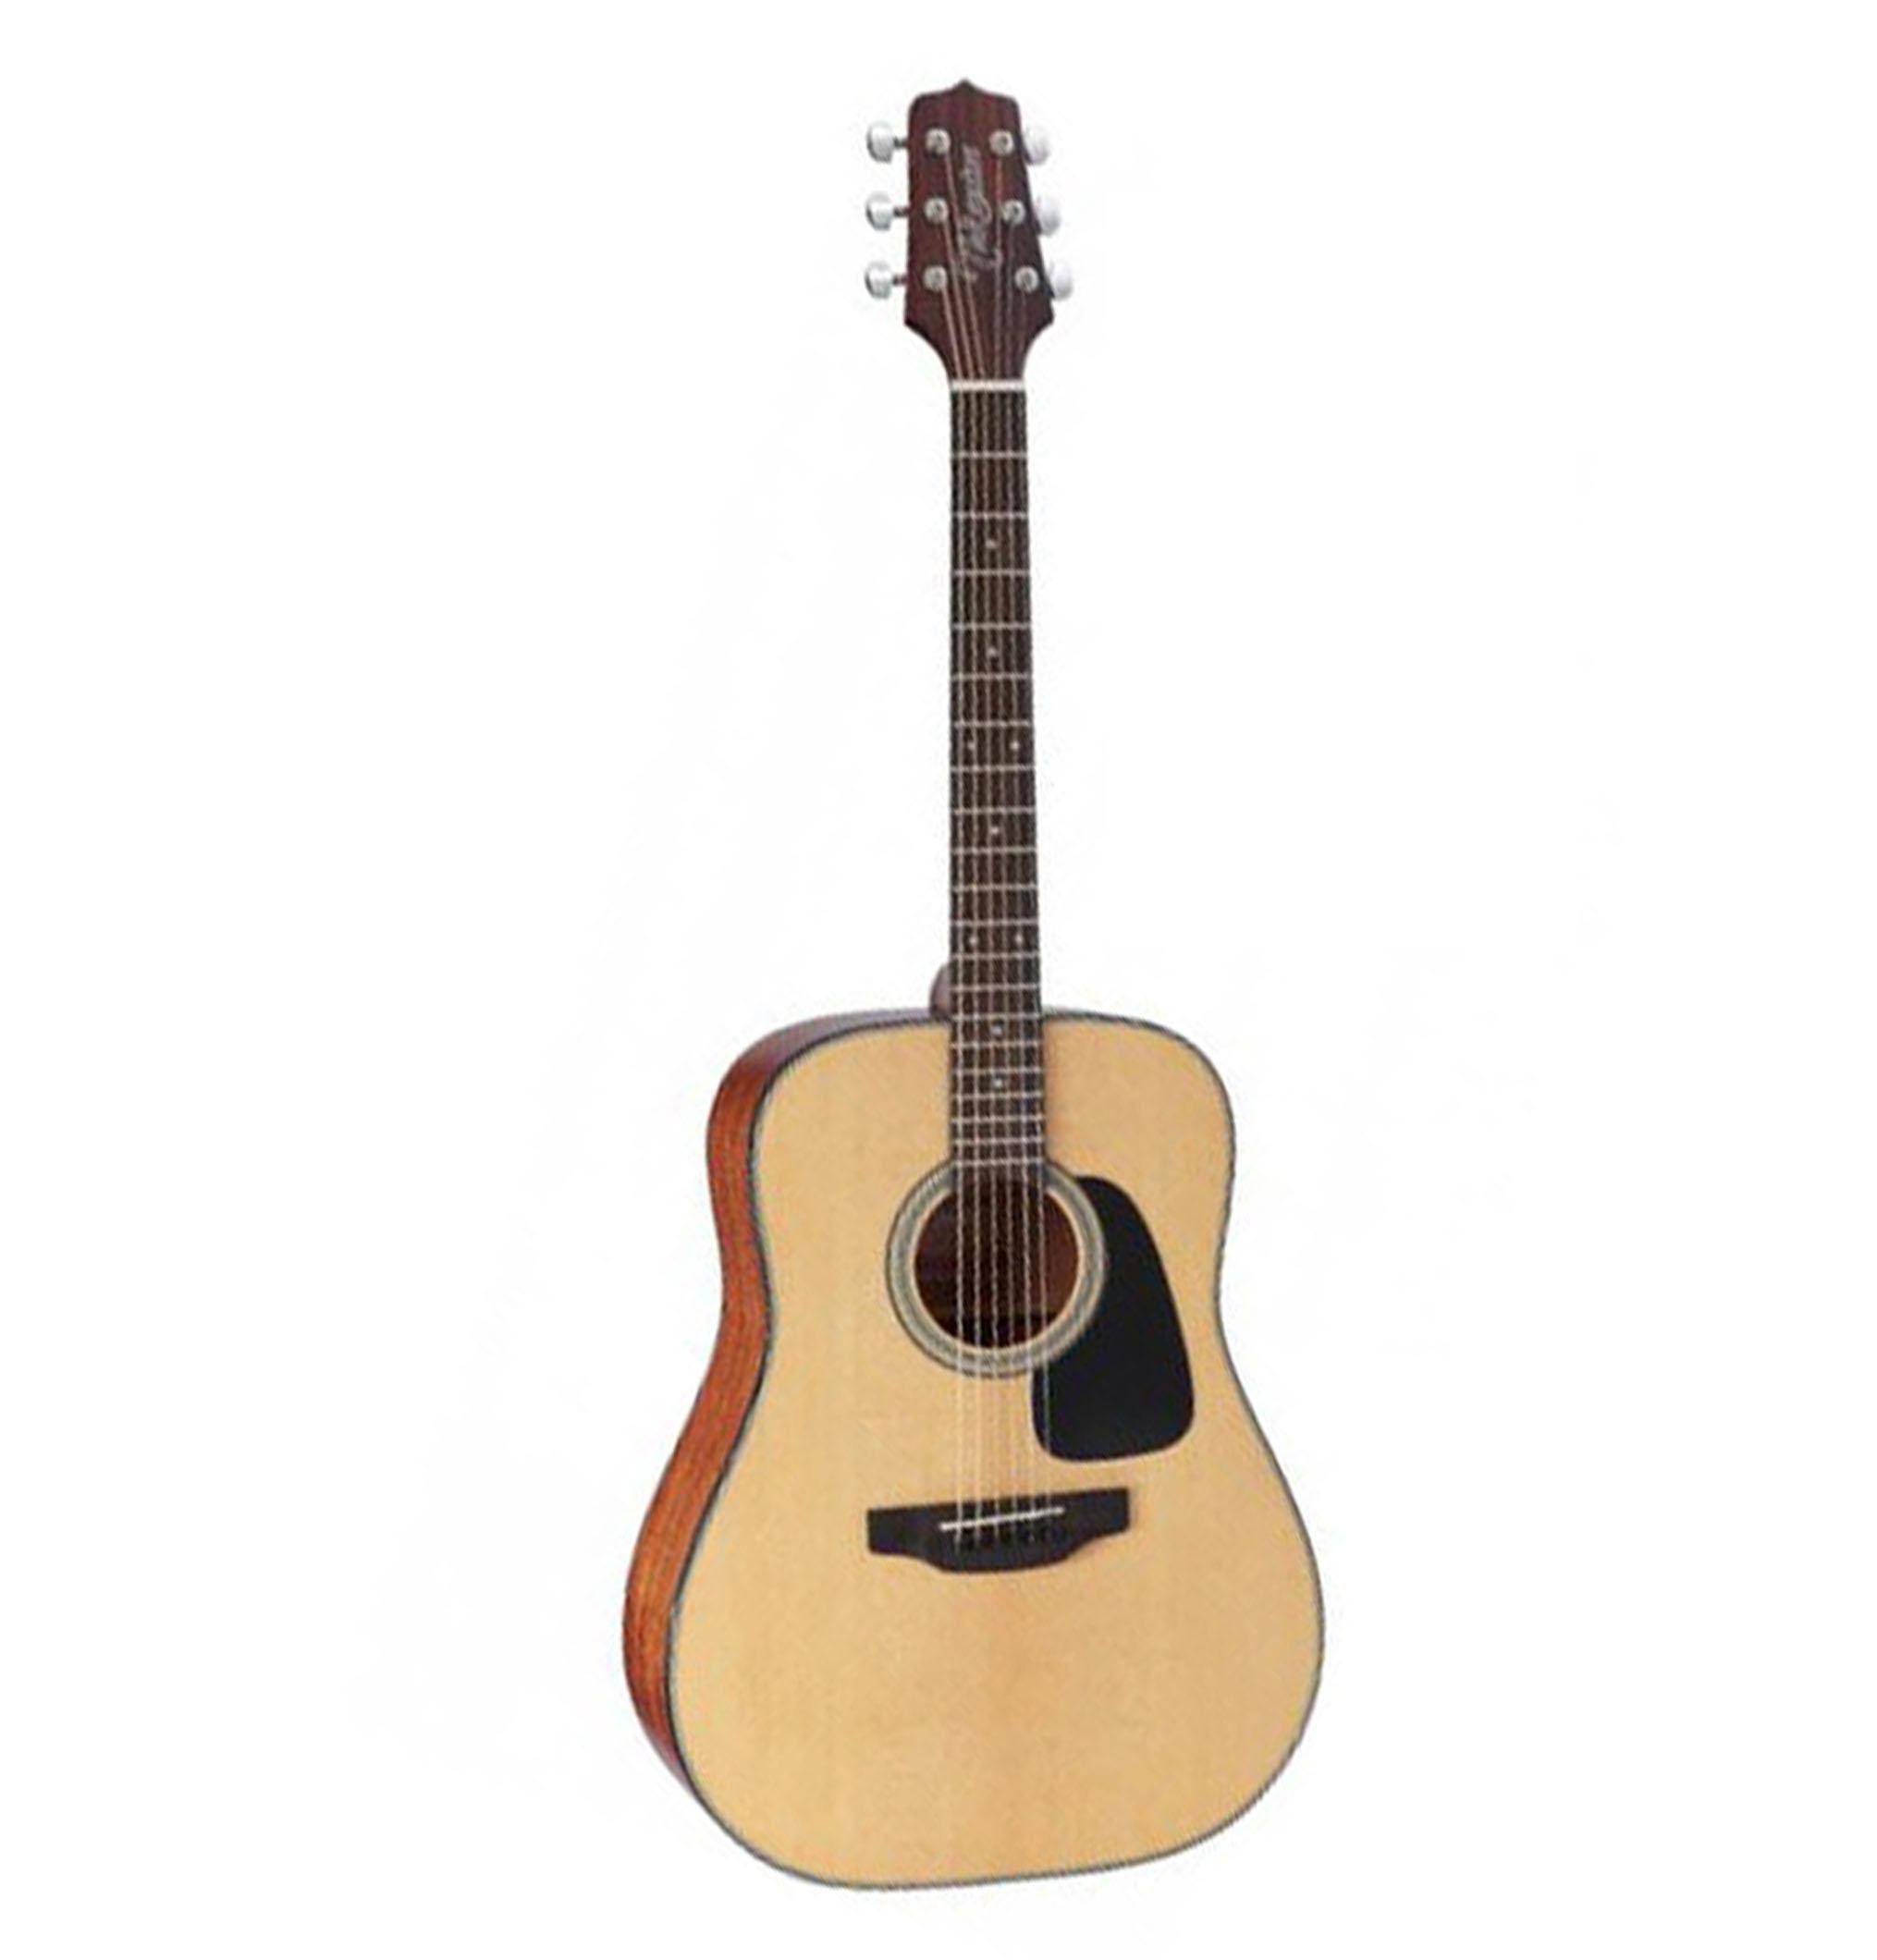 Giá bán đàn guitar Nhật Bản